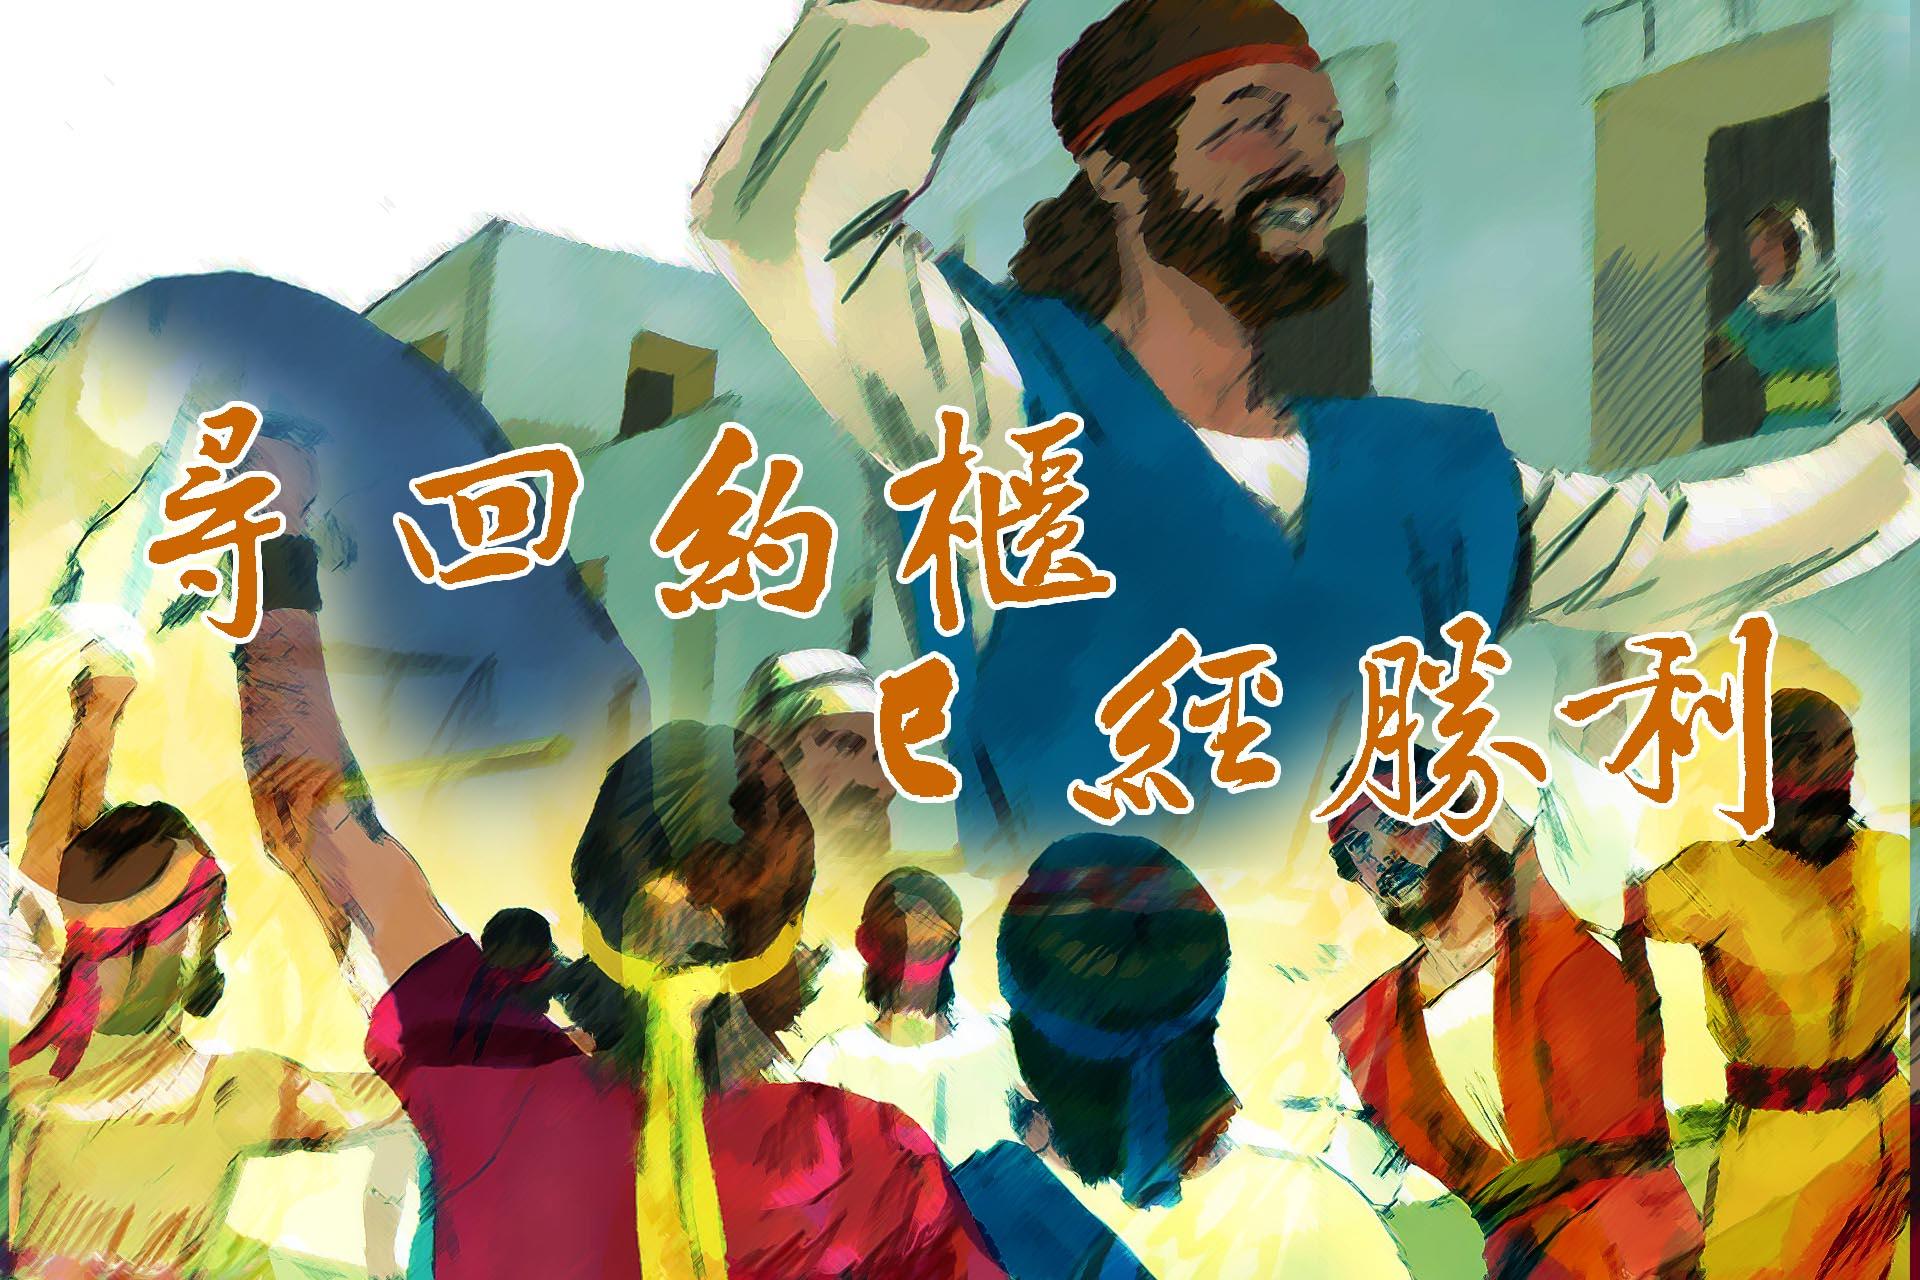 [聖經]尋回約櫃,已經勝利:大衛王的榮耀神